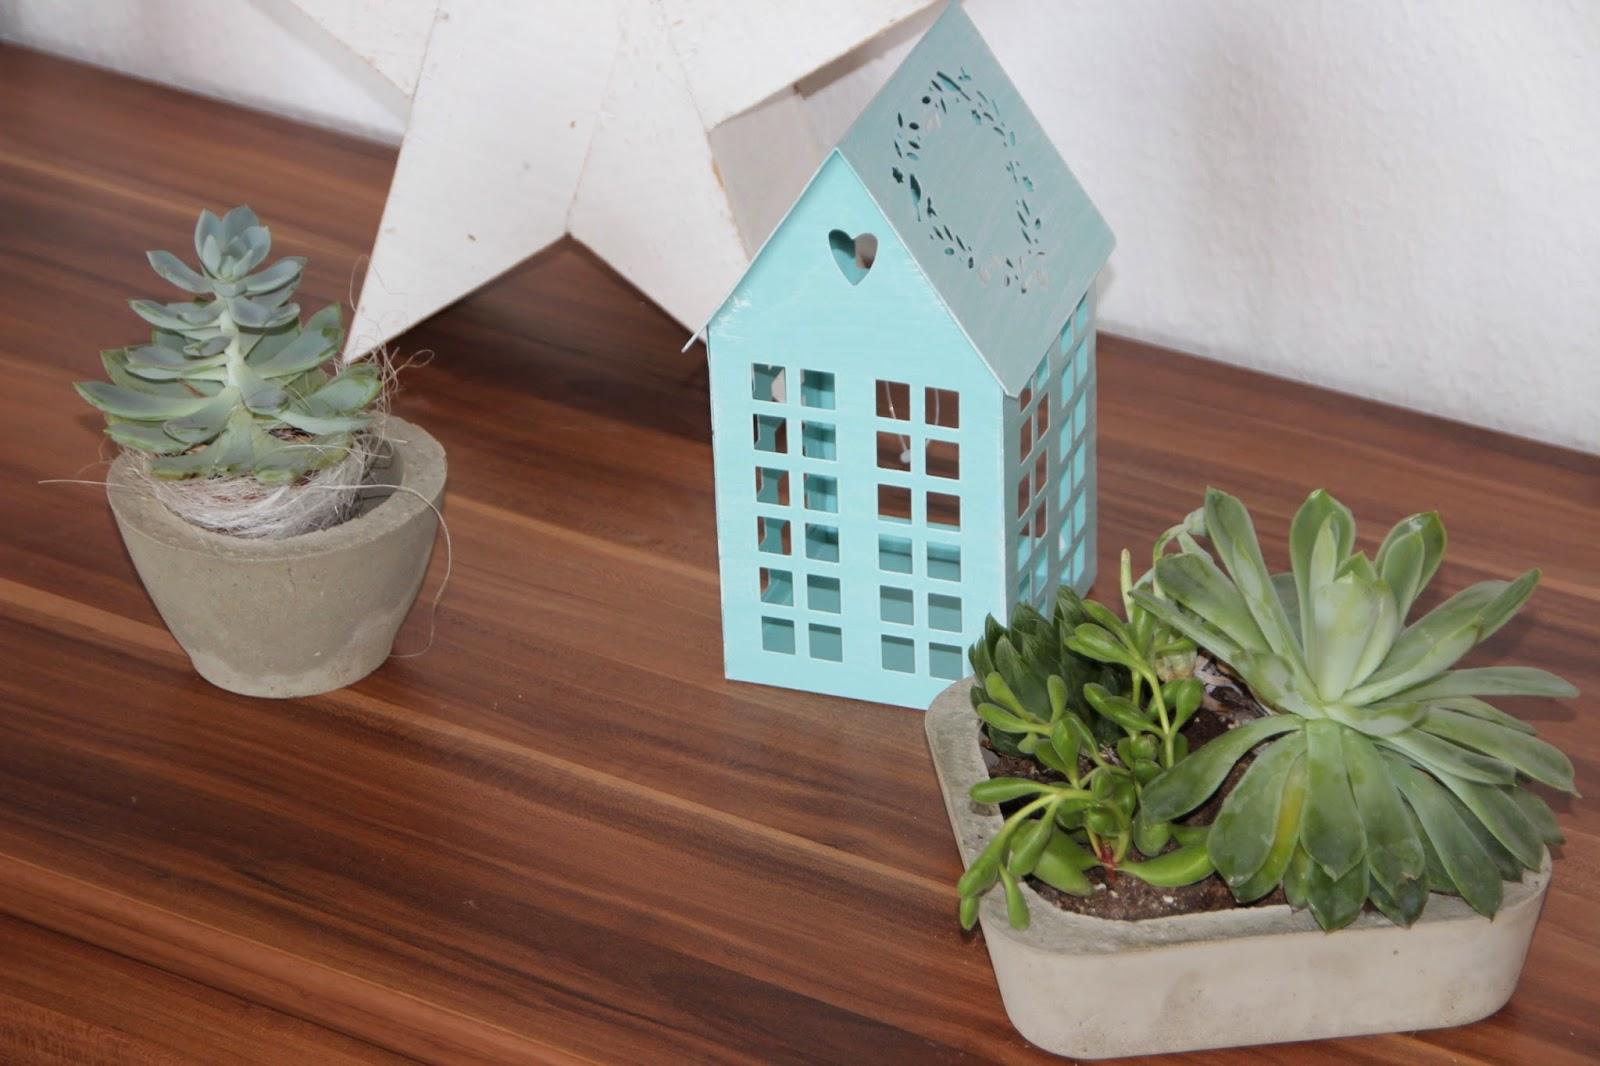 heinzcl with love feuerschale aus beton und nettigkeiten. Black Bedroom Furniture Sets. Home Design Ideas